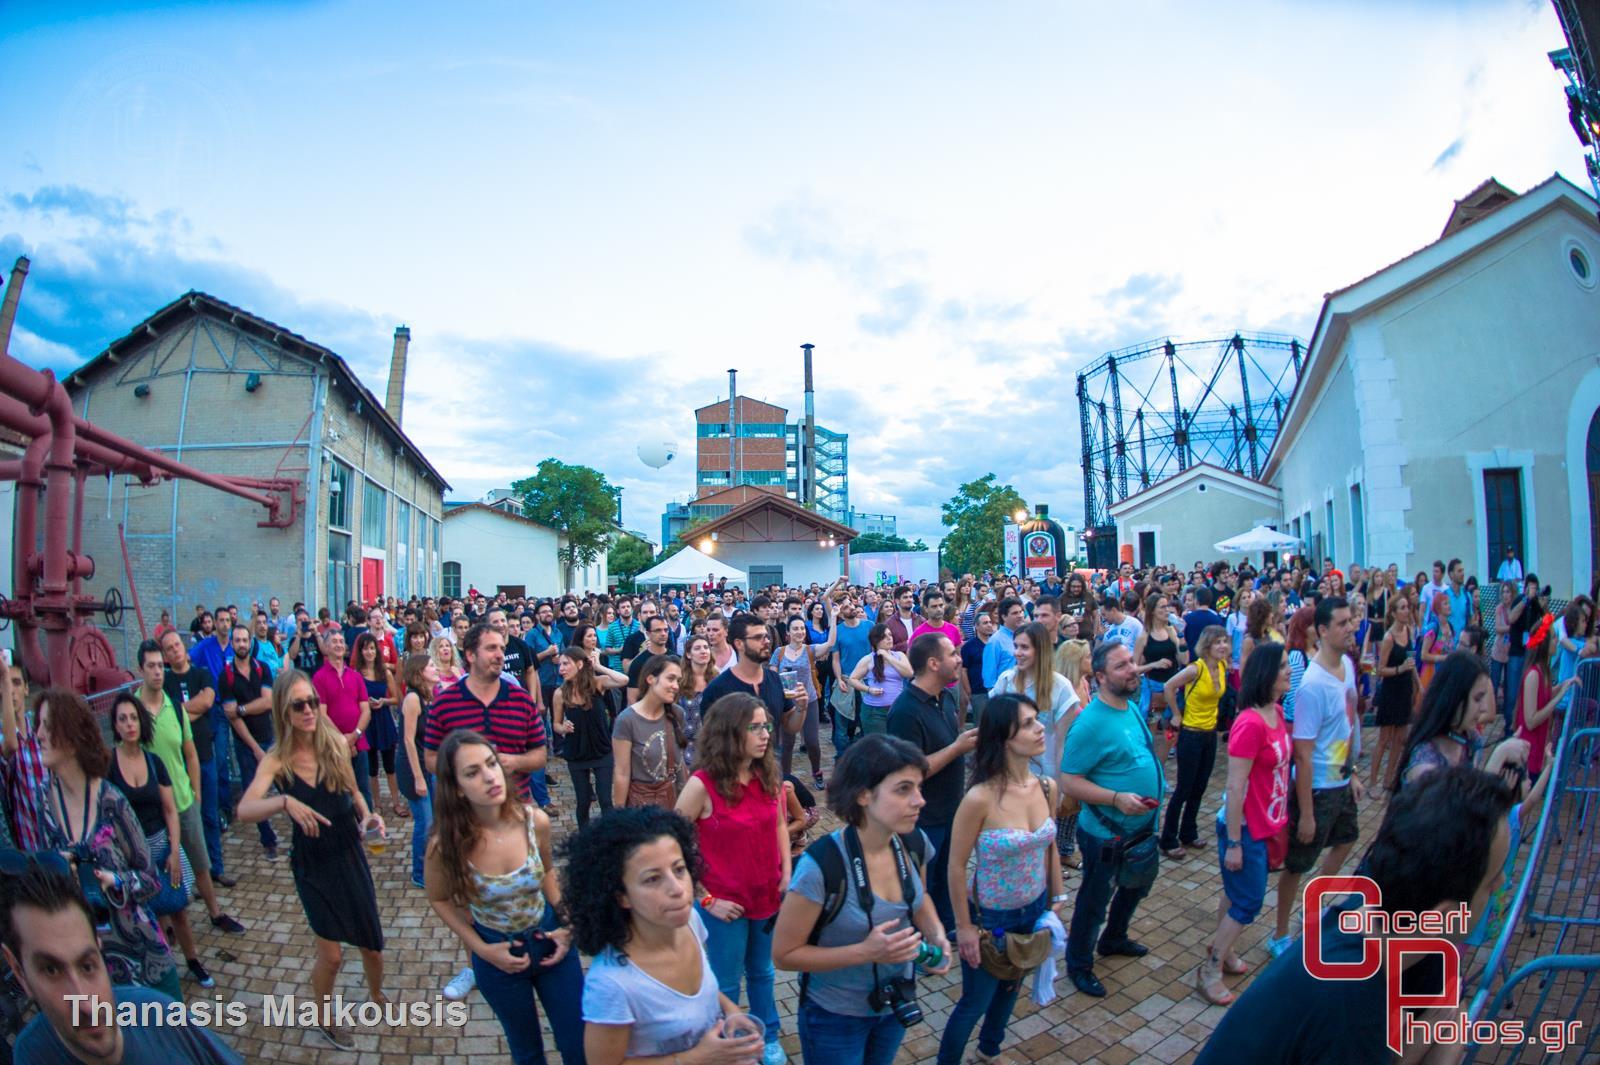 En Lefko 2014-En Lefko 2014 photographer: Thanasis Maikousis - concertphotos_20140620_20_40_08